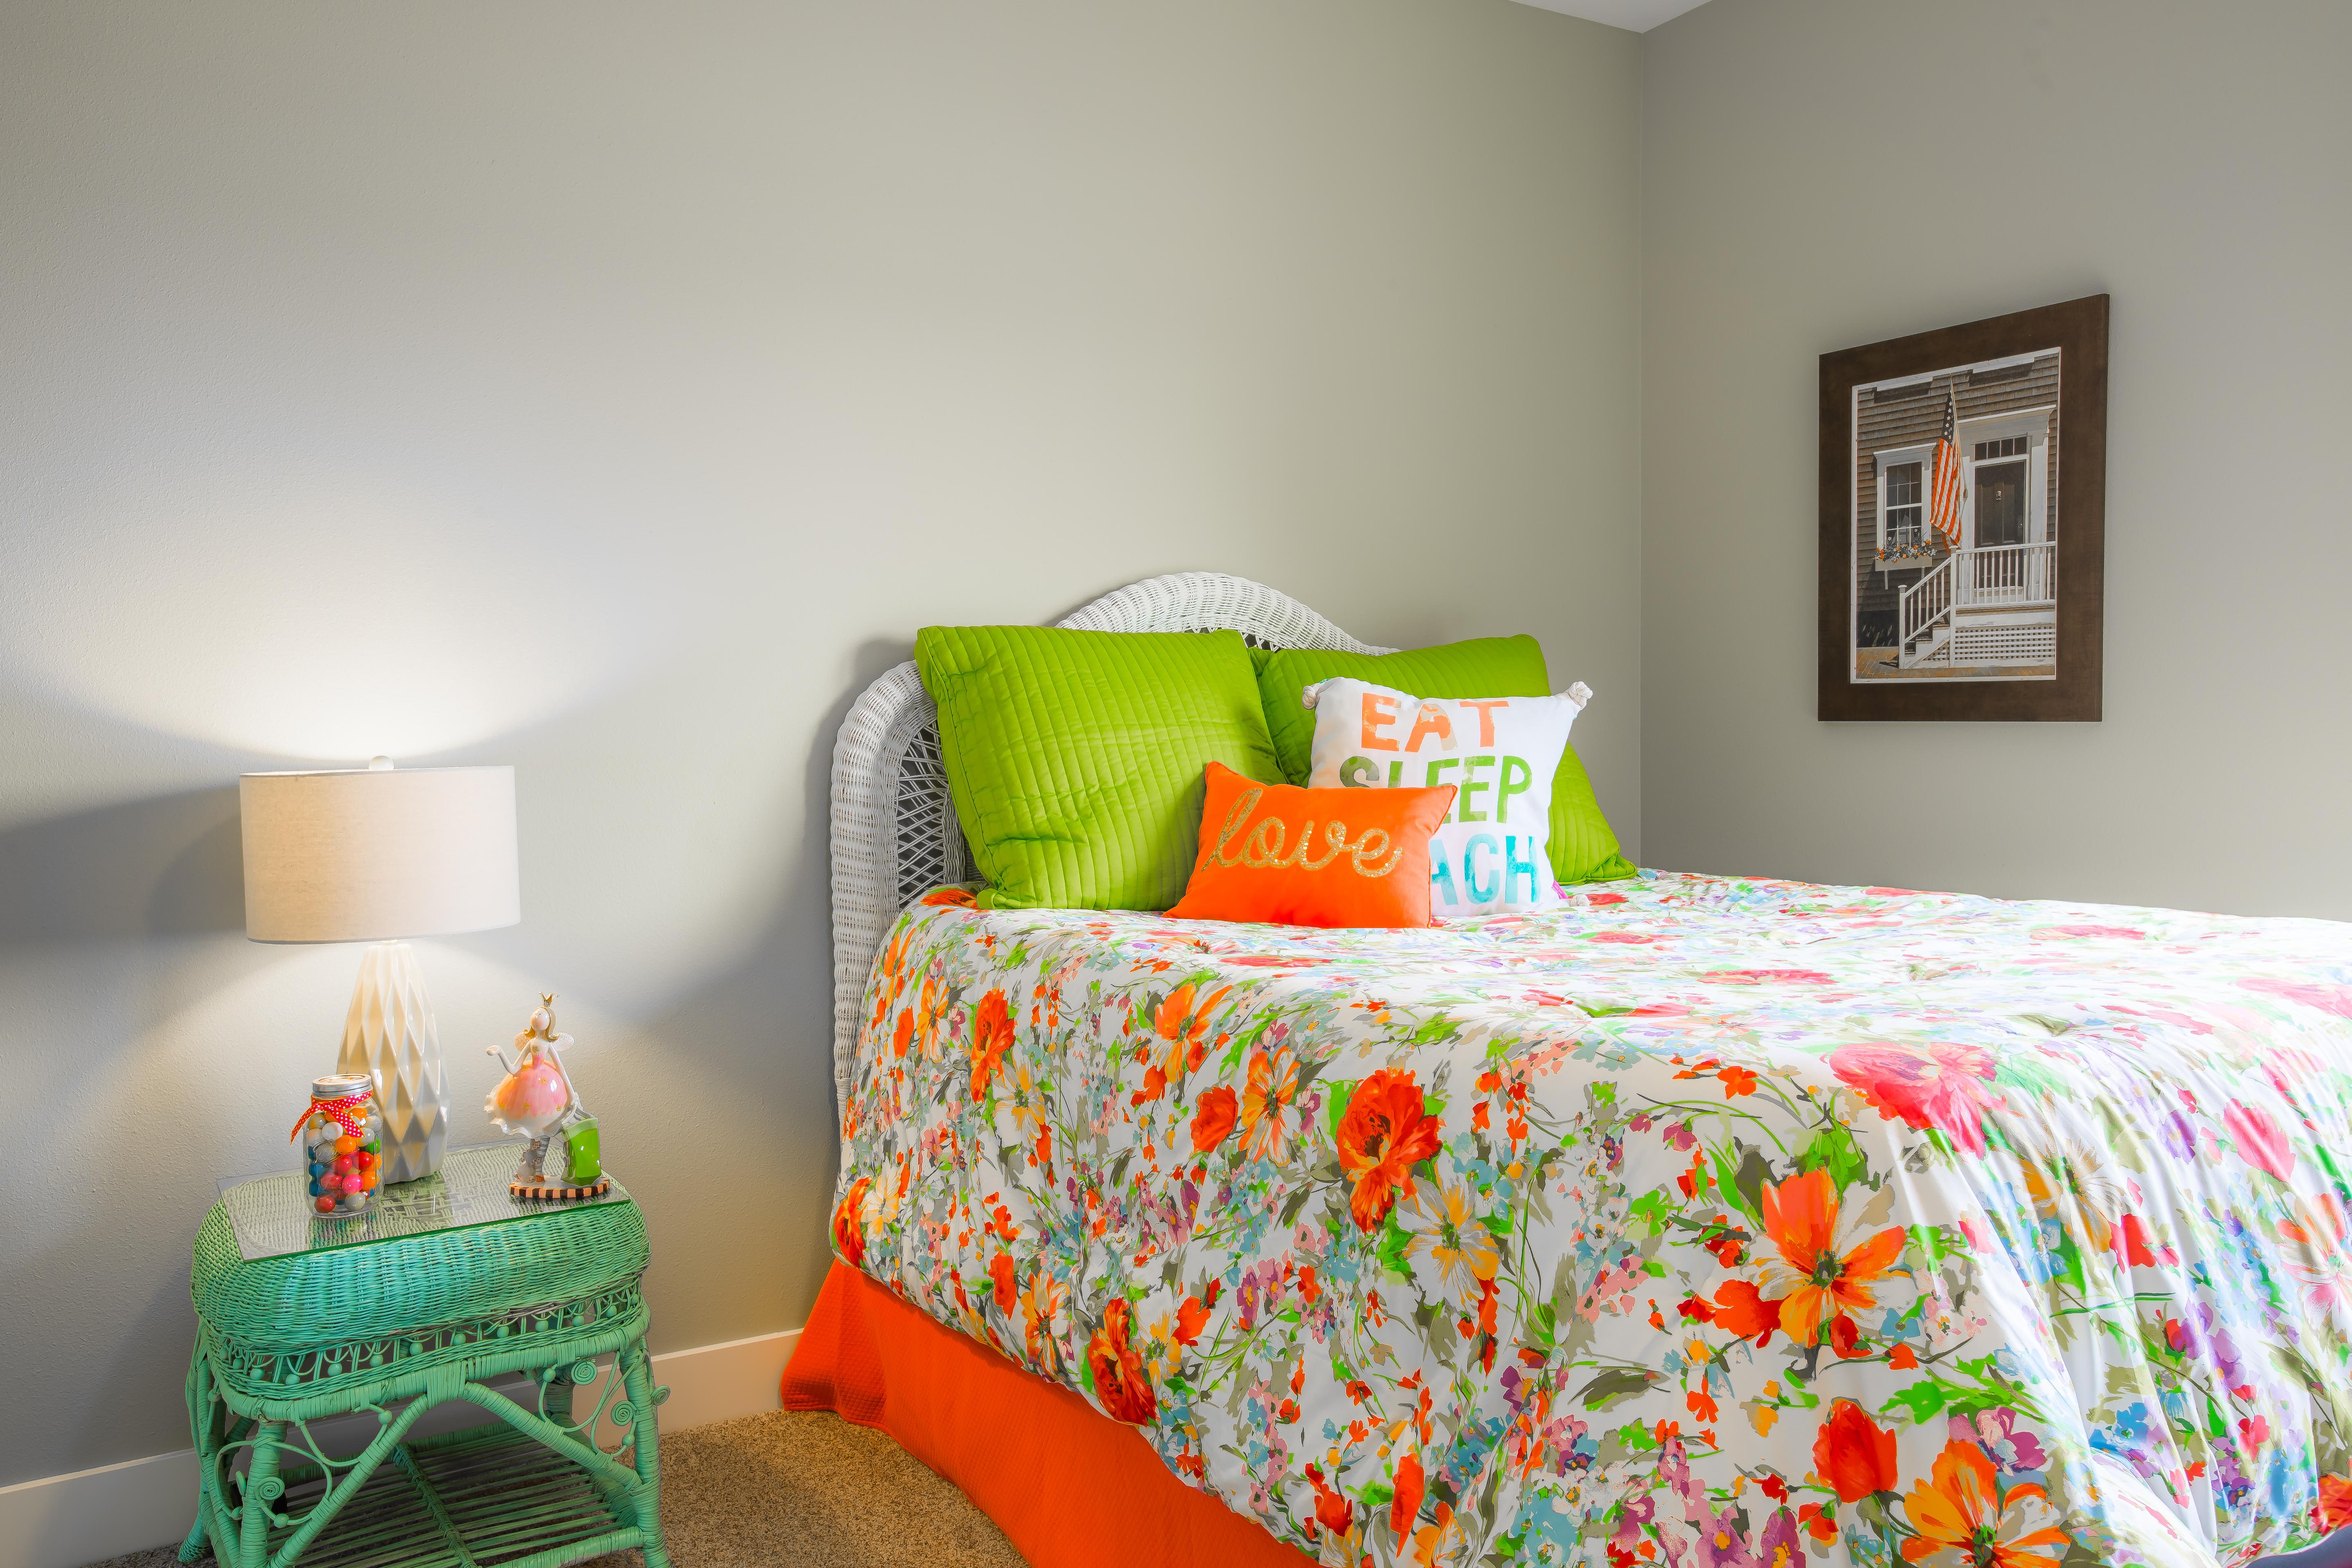 TK Designs-Staged Bedroom